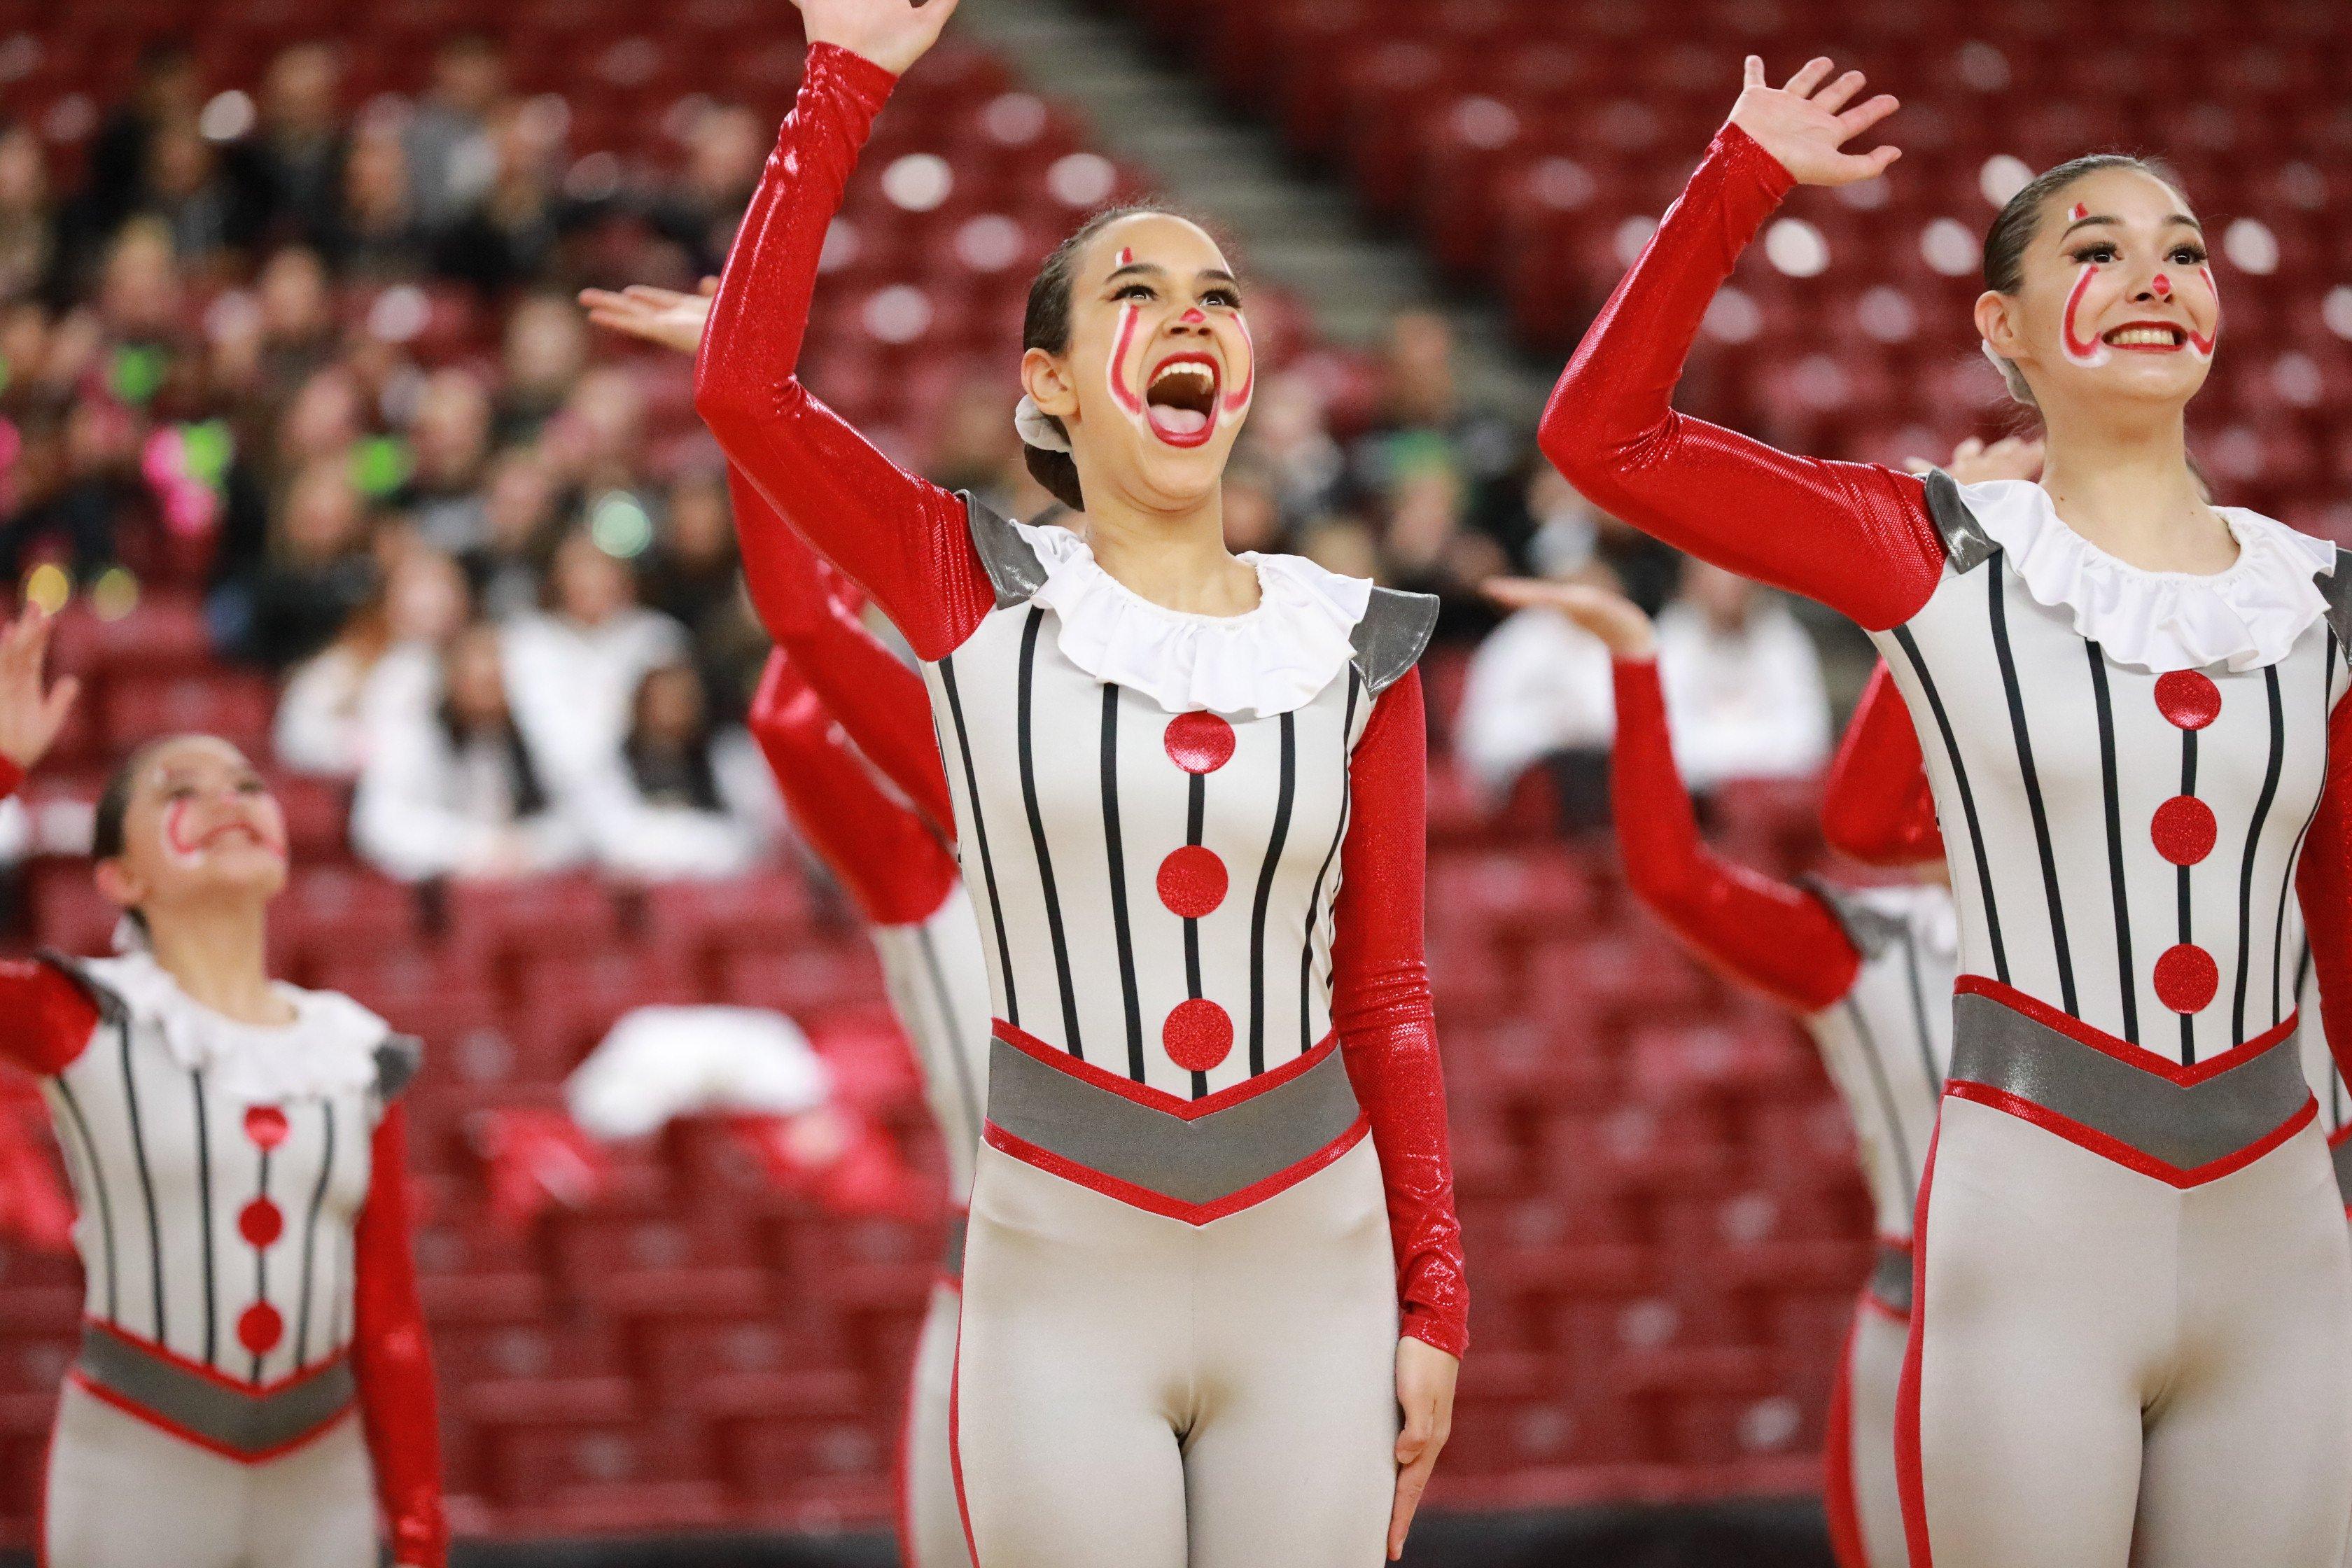 Bellevue dance team Clown themed kick costume